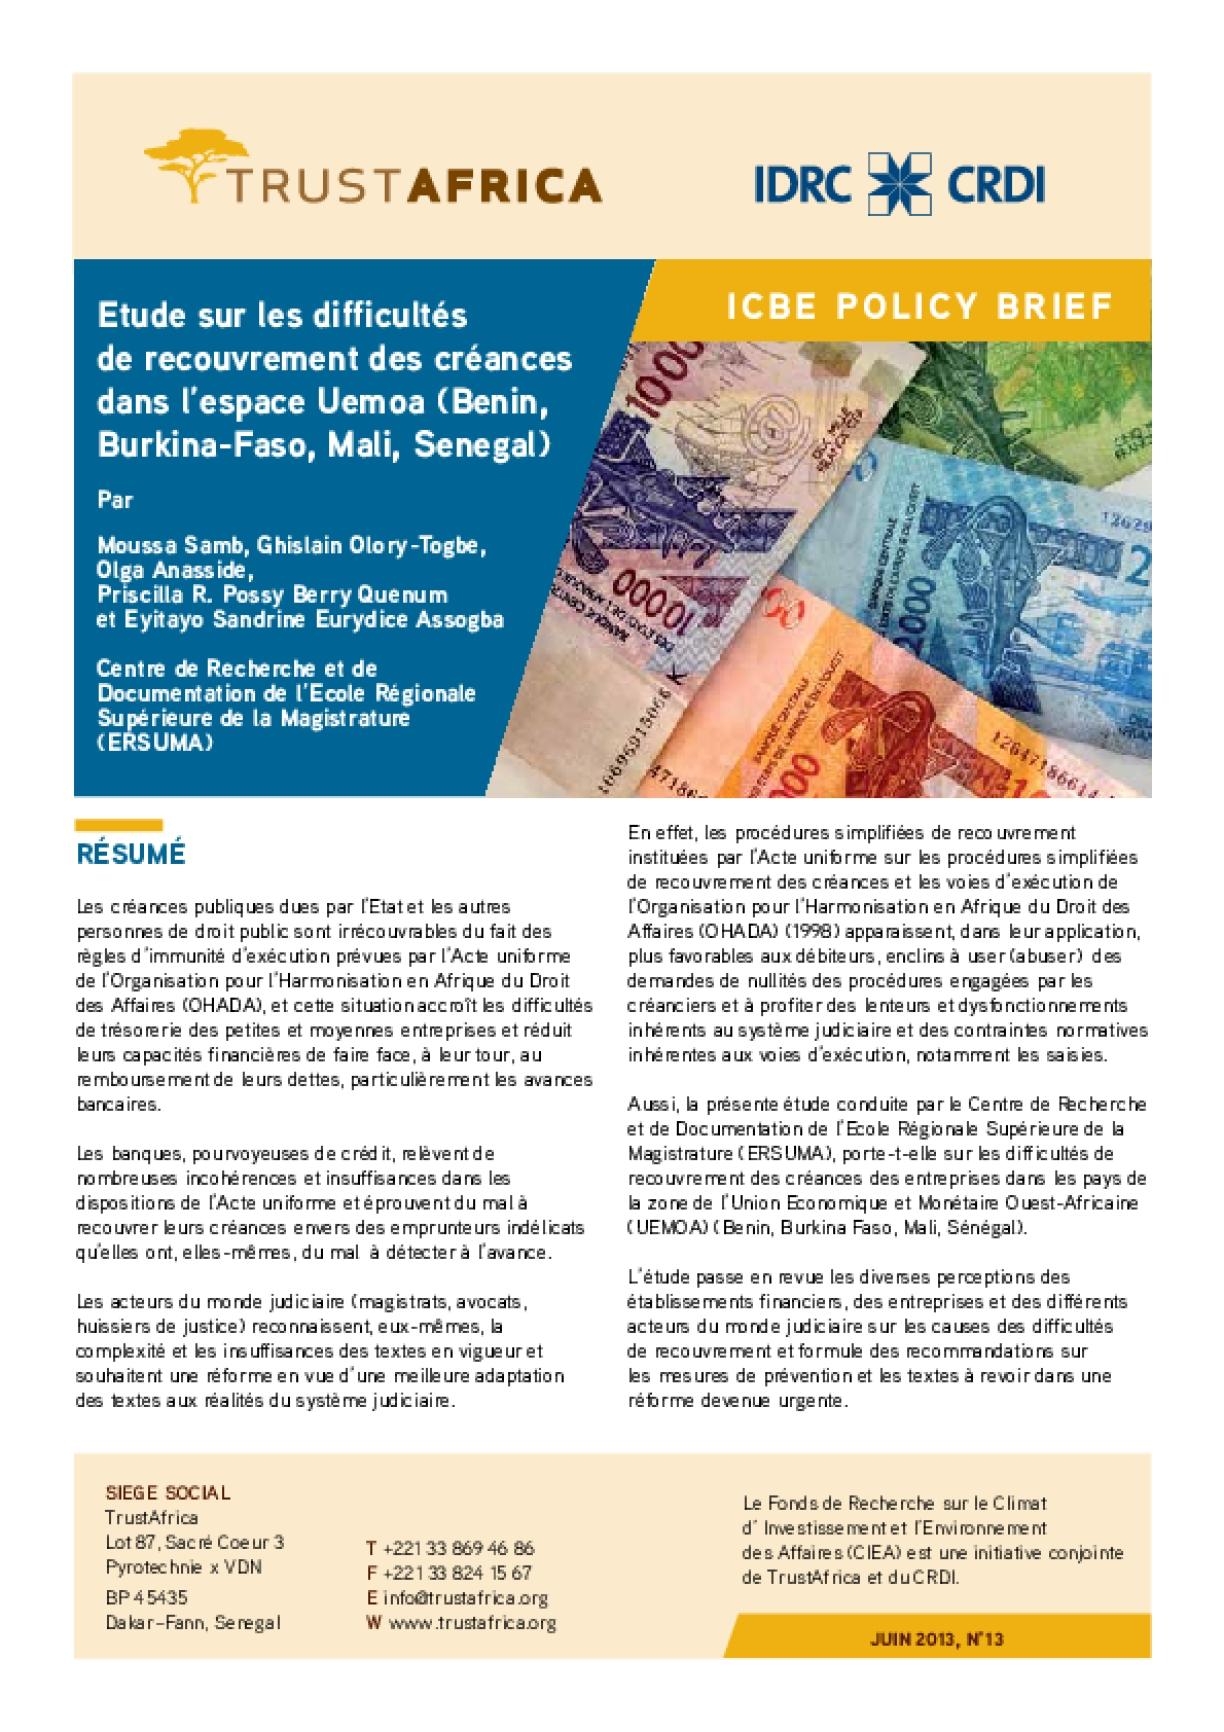 Etude Sur Les Difficultés De Recouvrement Des Créances Dans L'espace Uemoa (Benin, Burkina-faso, Mali, Senegal)